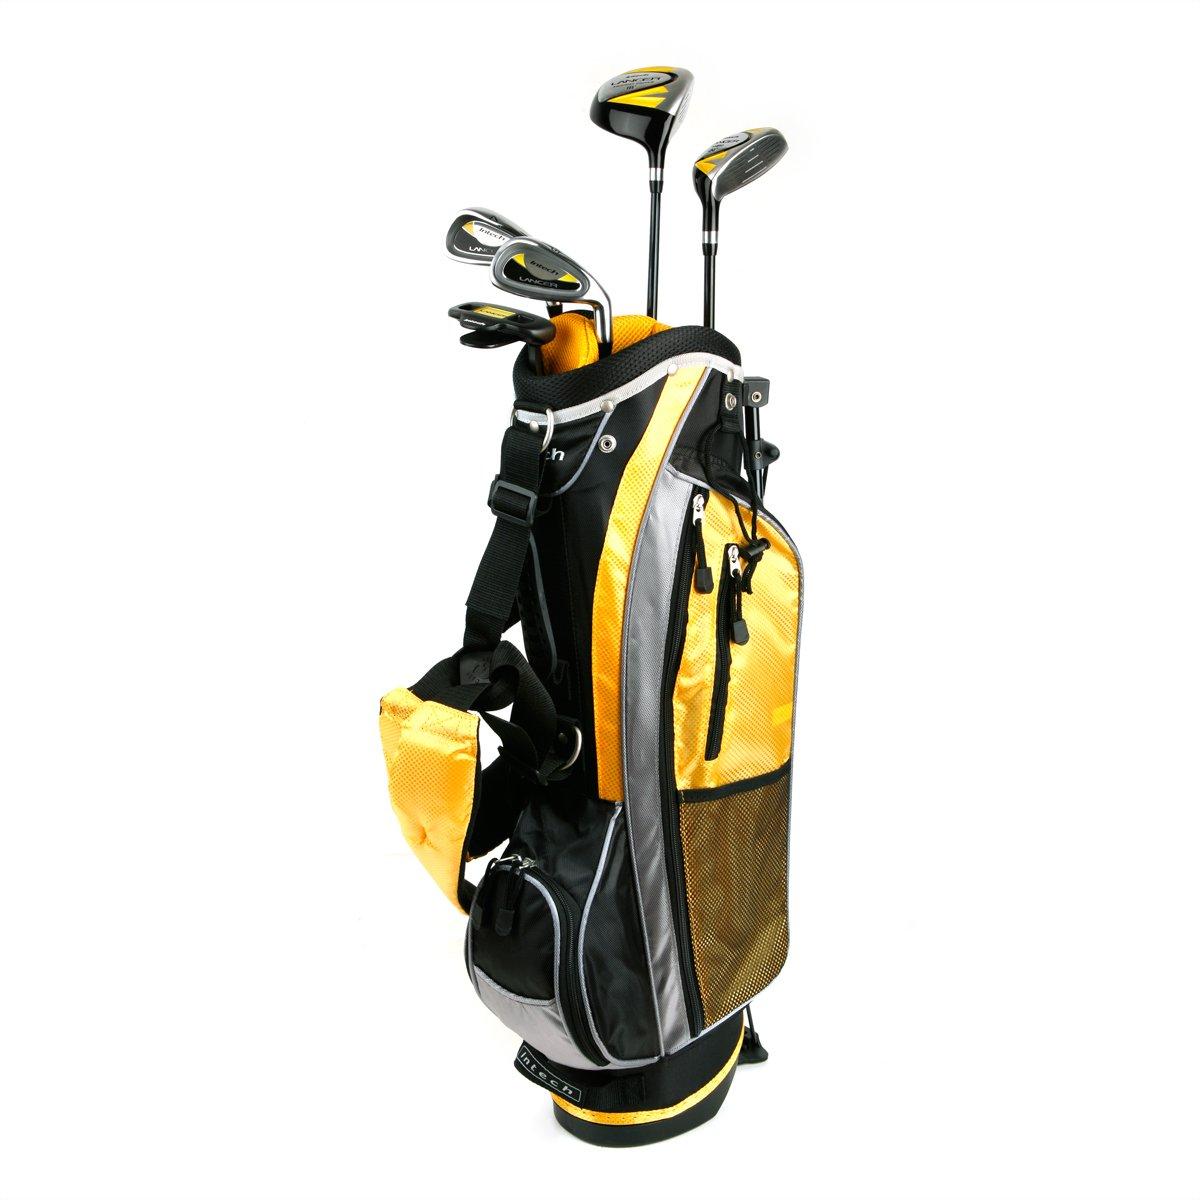 Intechランサージュニアゴルフクラブセット(イエロー) B000HTBBB6  Age 4-7